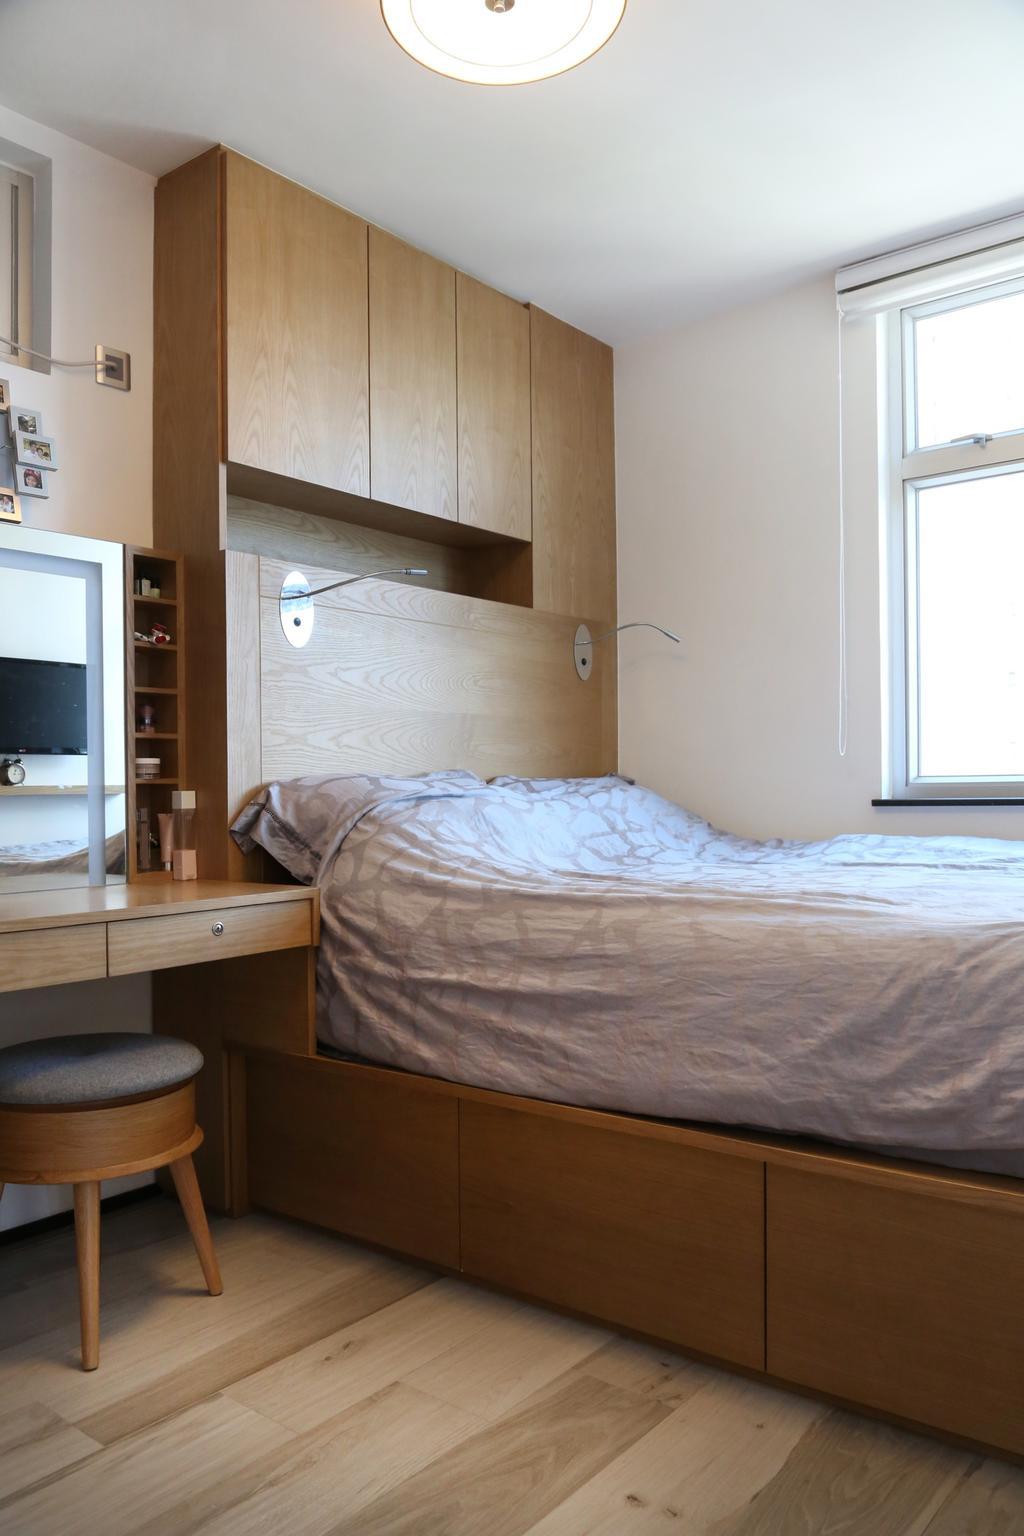 簡約, 私家樓, 睡房, 太古城, 室內設計師, KOO interior design, 北歐, Bed, Furniture, Electronics, Entertainment Center